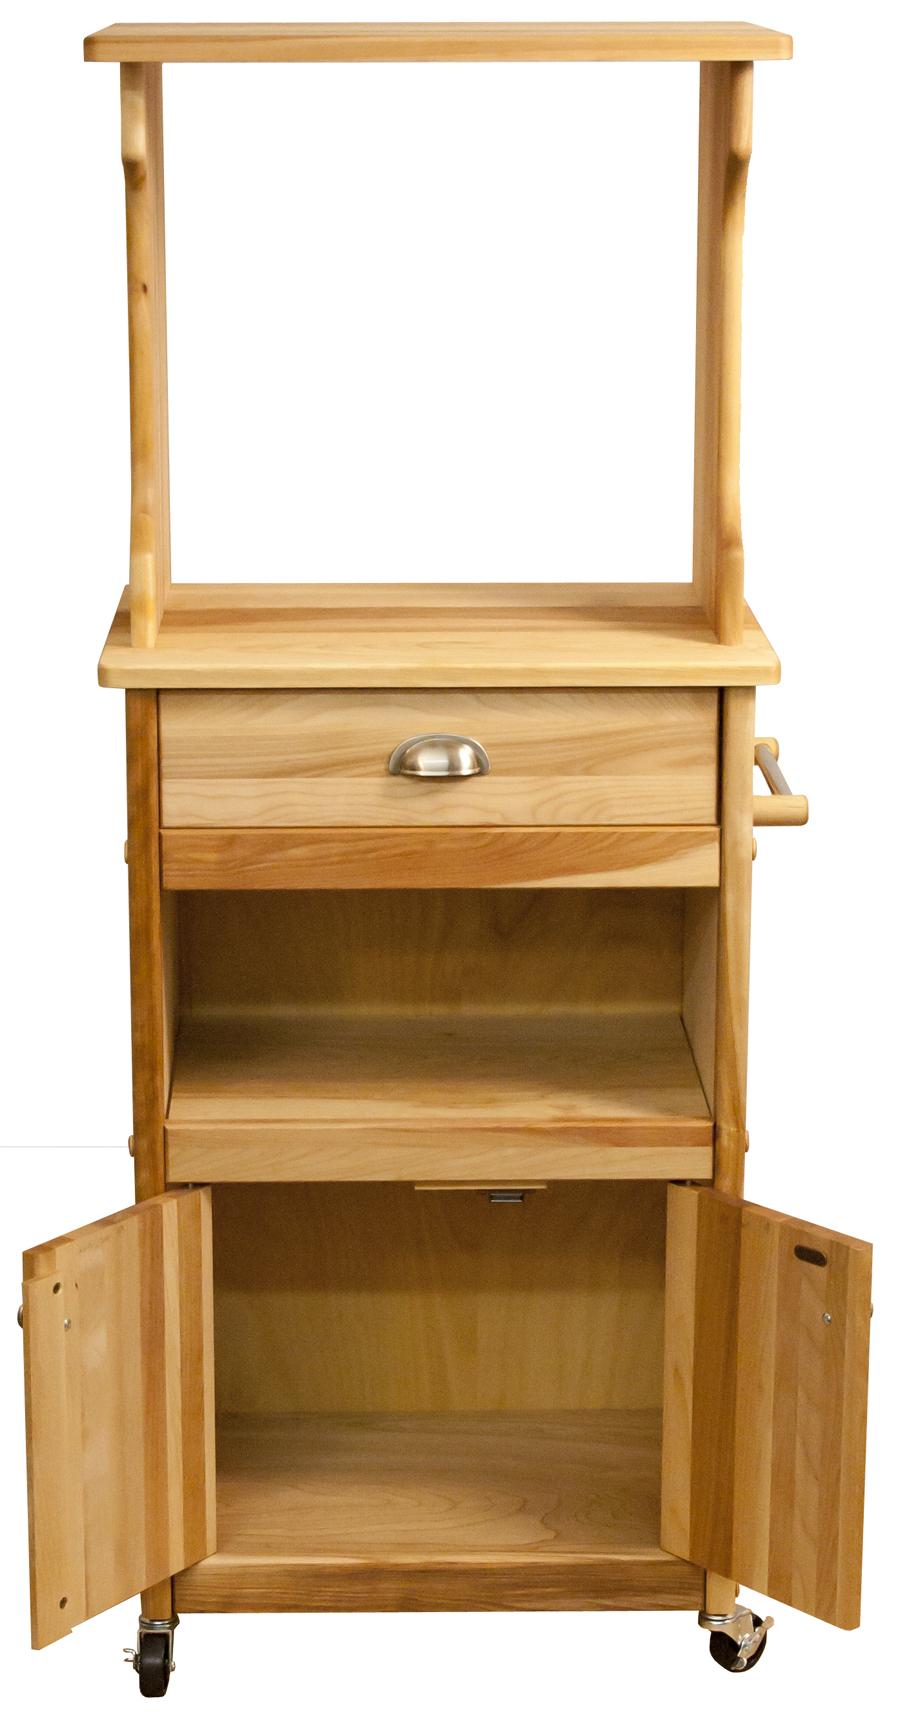 Kitchen cabinet cart Photo - 4